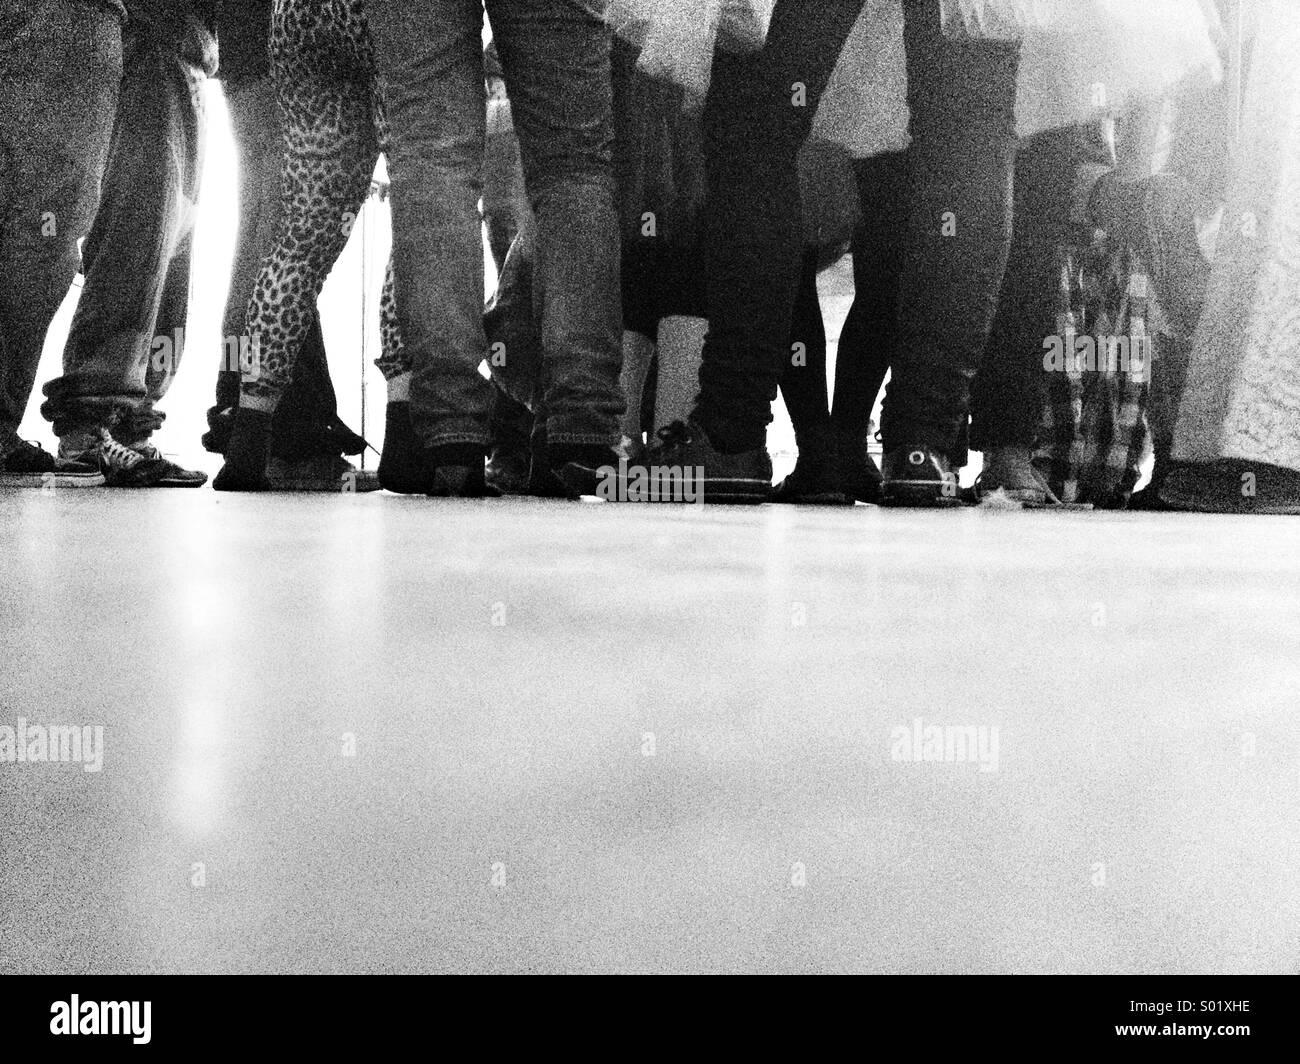 Rassemblement de personnes sur les jambes Photo Stock